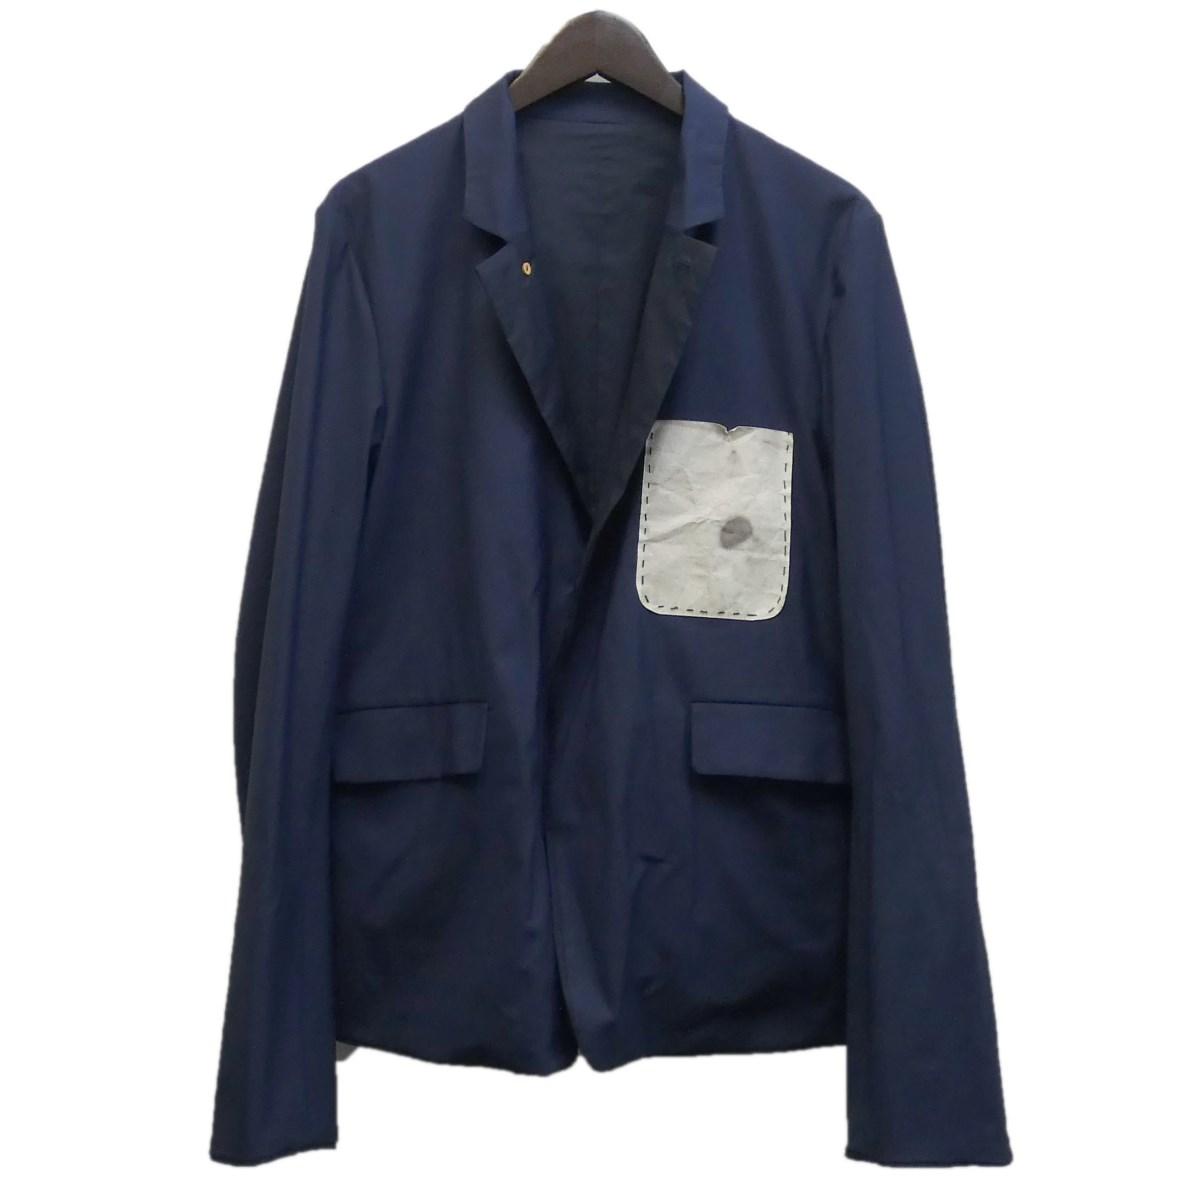 【中古】SUNSEA 16SS 「Reversible SNM-G-Jacket」 スーパーナイスマテリアルジャケット ネイビー サイズ:3 【120320】(サンシー)